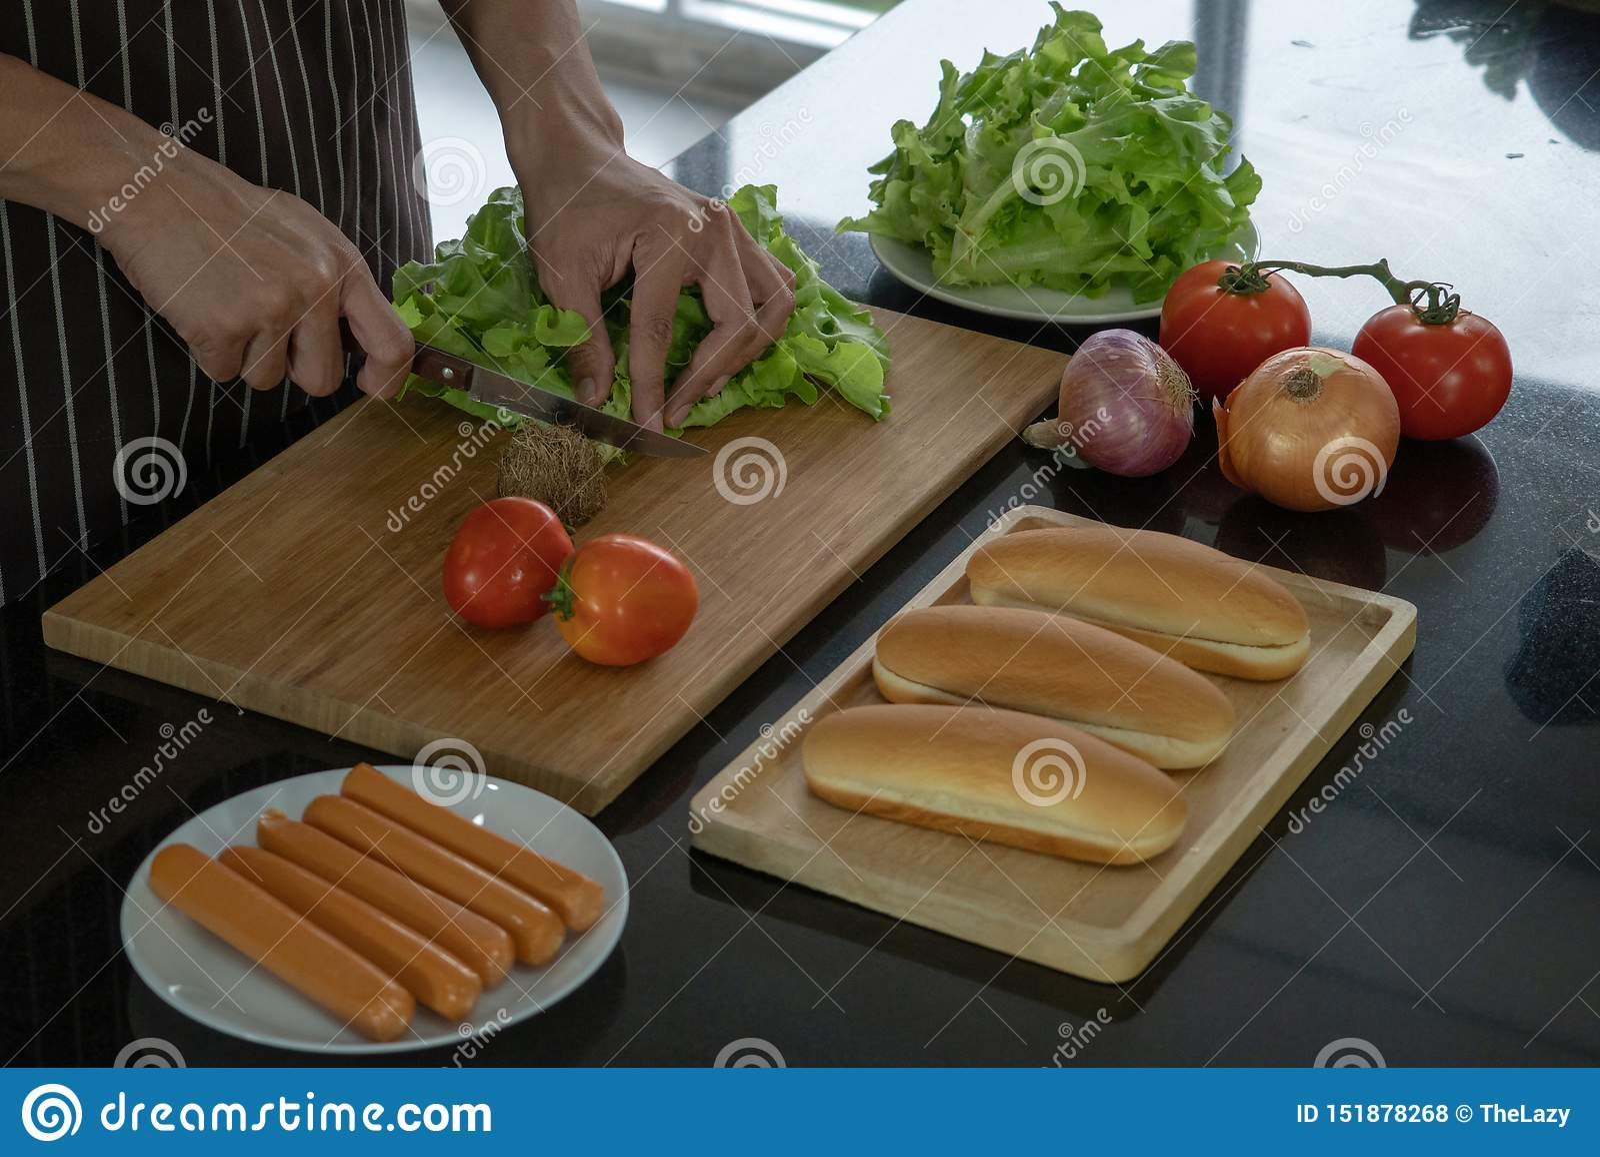 Skiva grönsaker för att förbereda ingredienser för framställning av varmkorvar